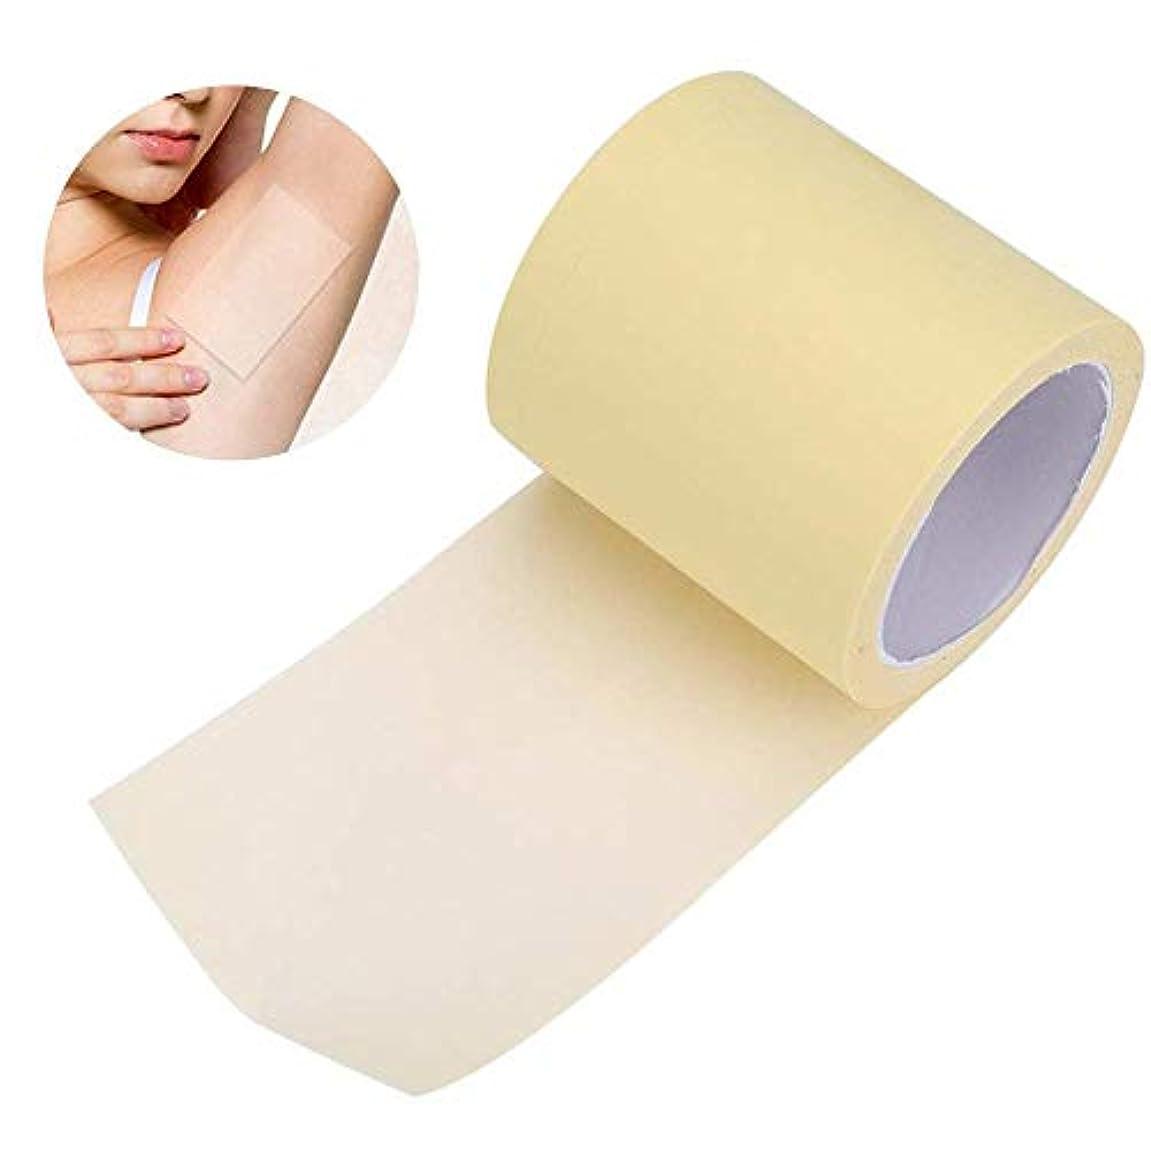 導体スキッパー非難Aomgsd 汗止めパッド 脇の下汗パッド 皮膚に優しい 脇の汗染み防止 抗菌加工 超薄型 透明 男性/女性対応 (タイプ1)